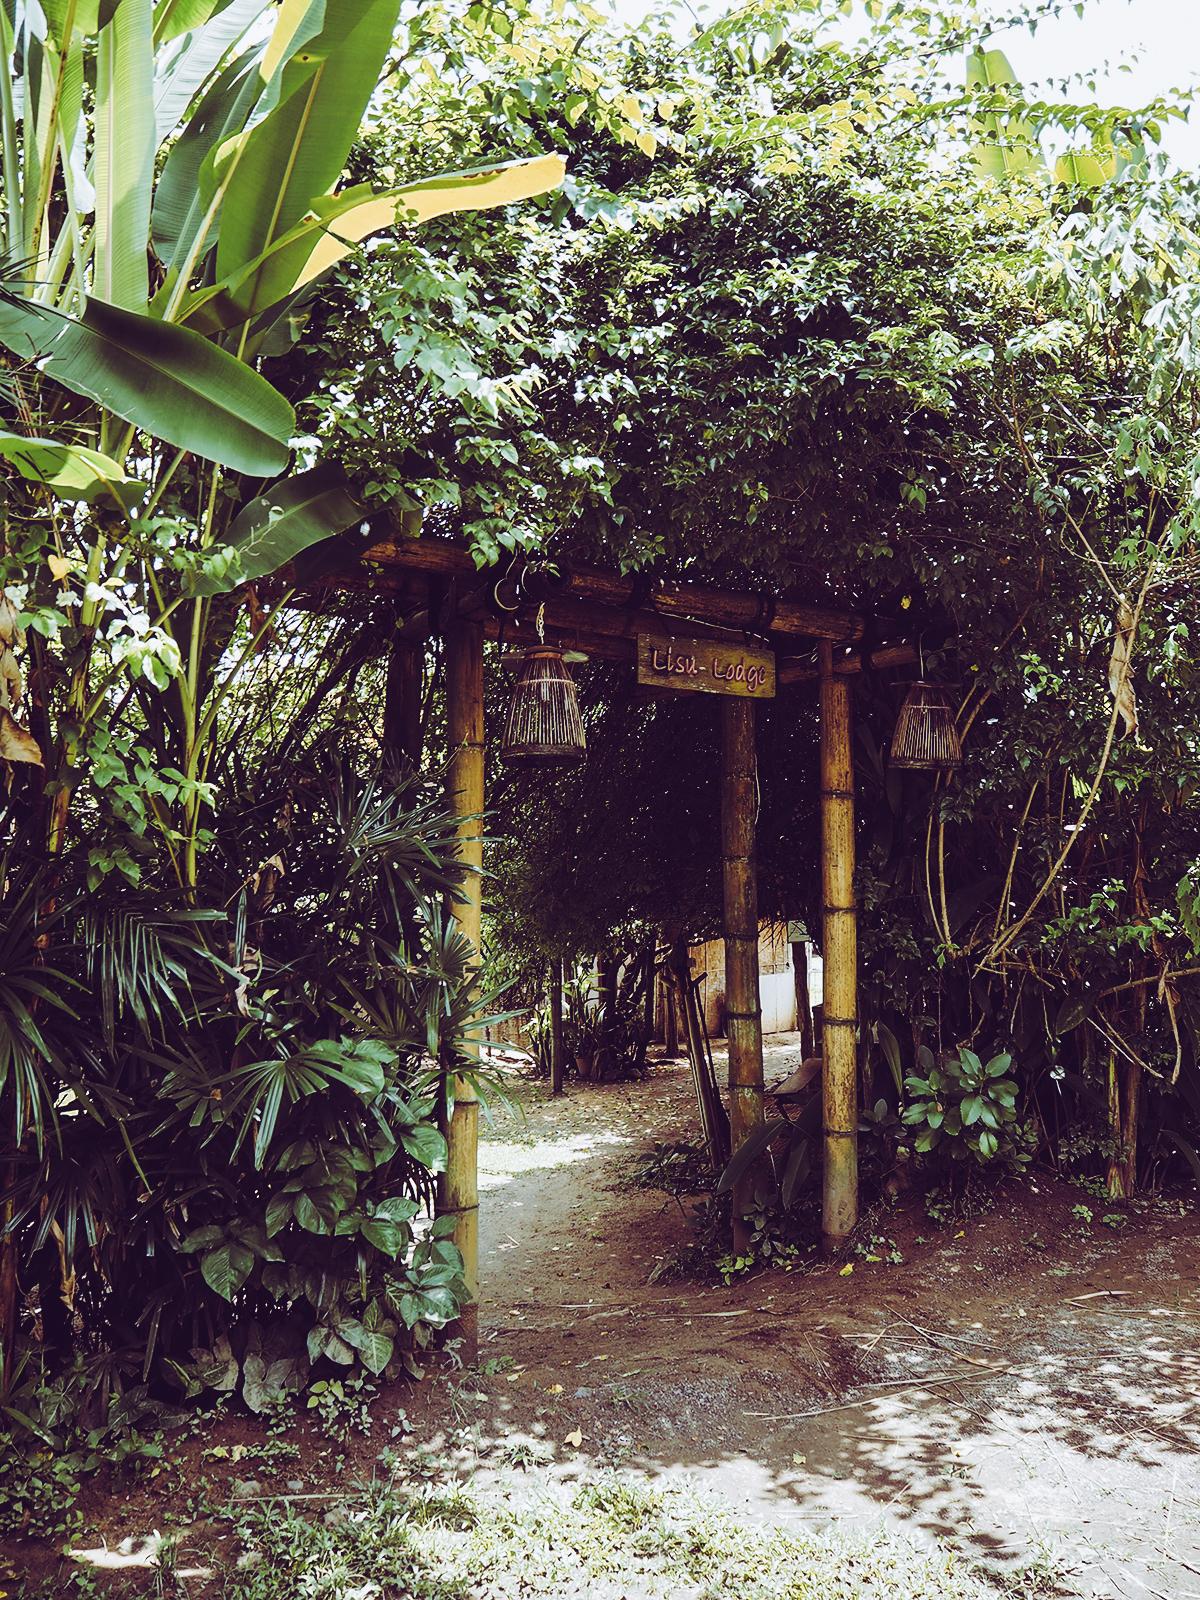 Lisu Lodge | Pixi mit Milch